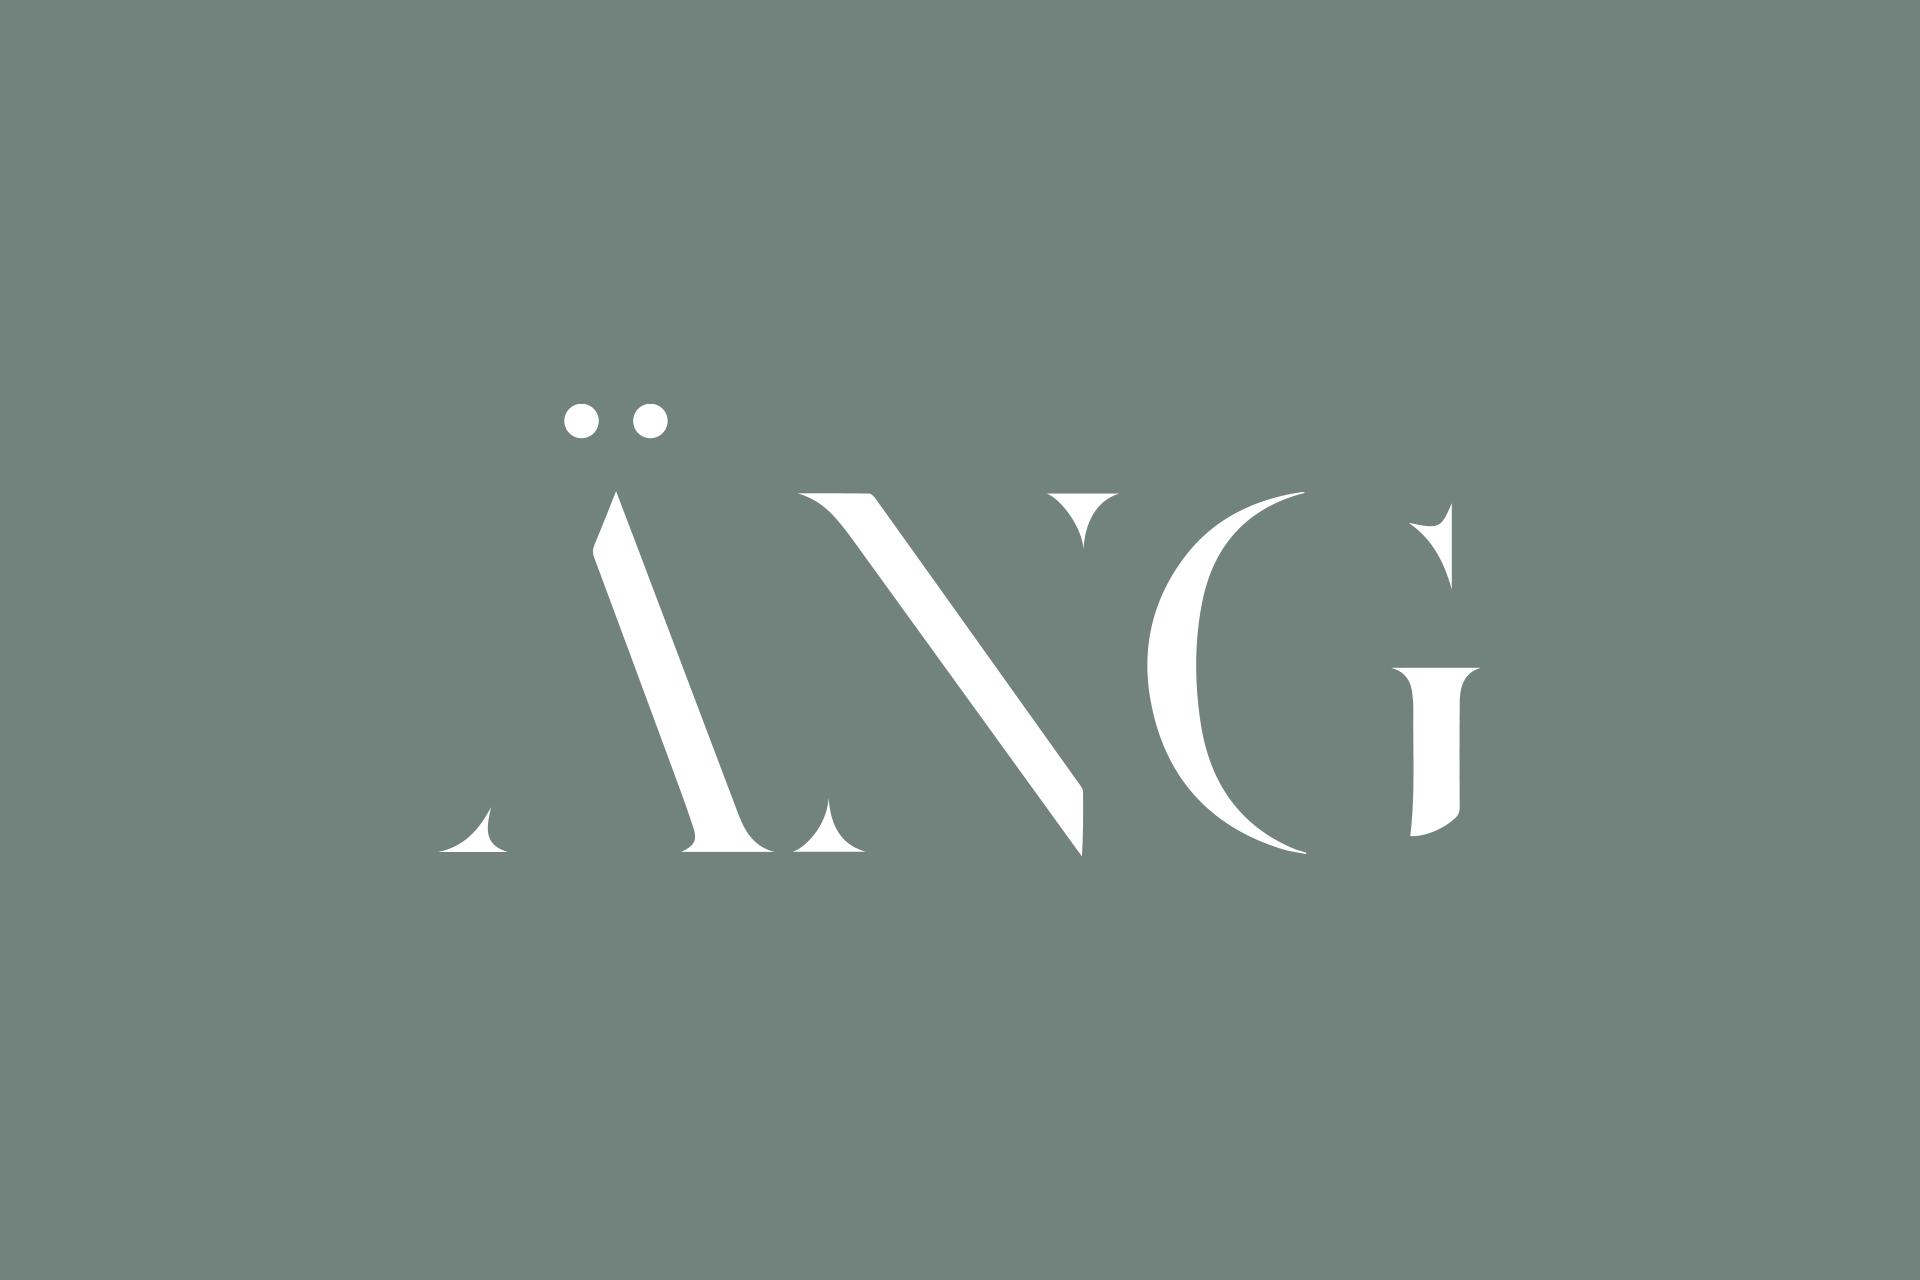 restaurang_ang_logo